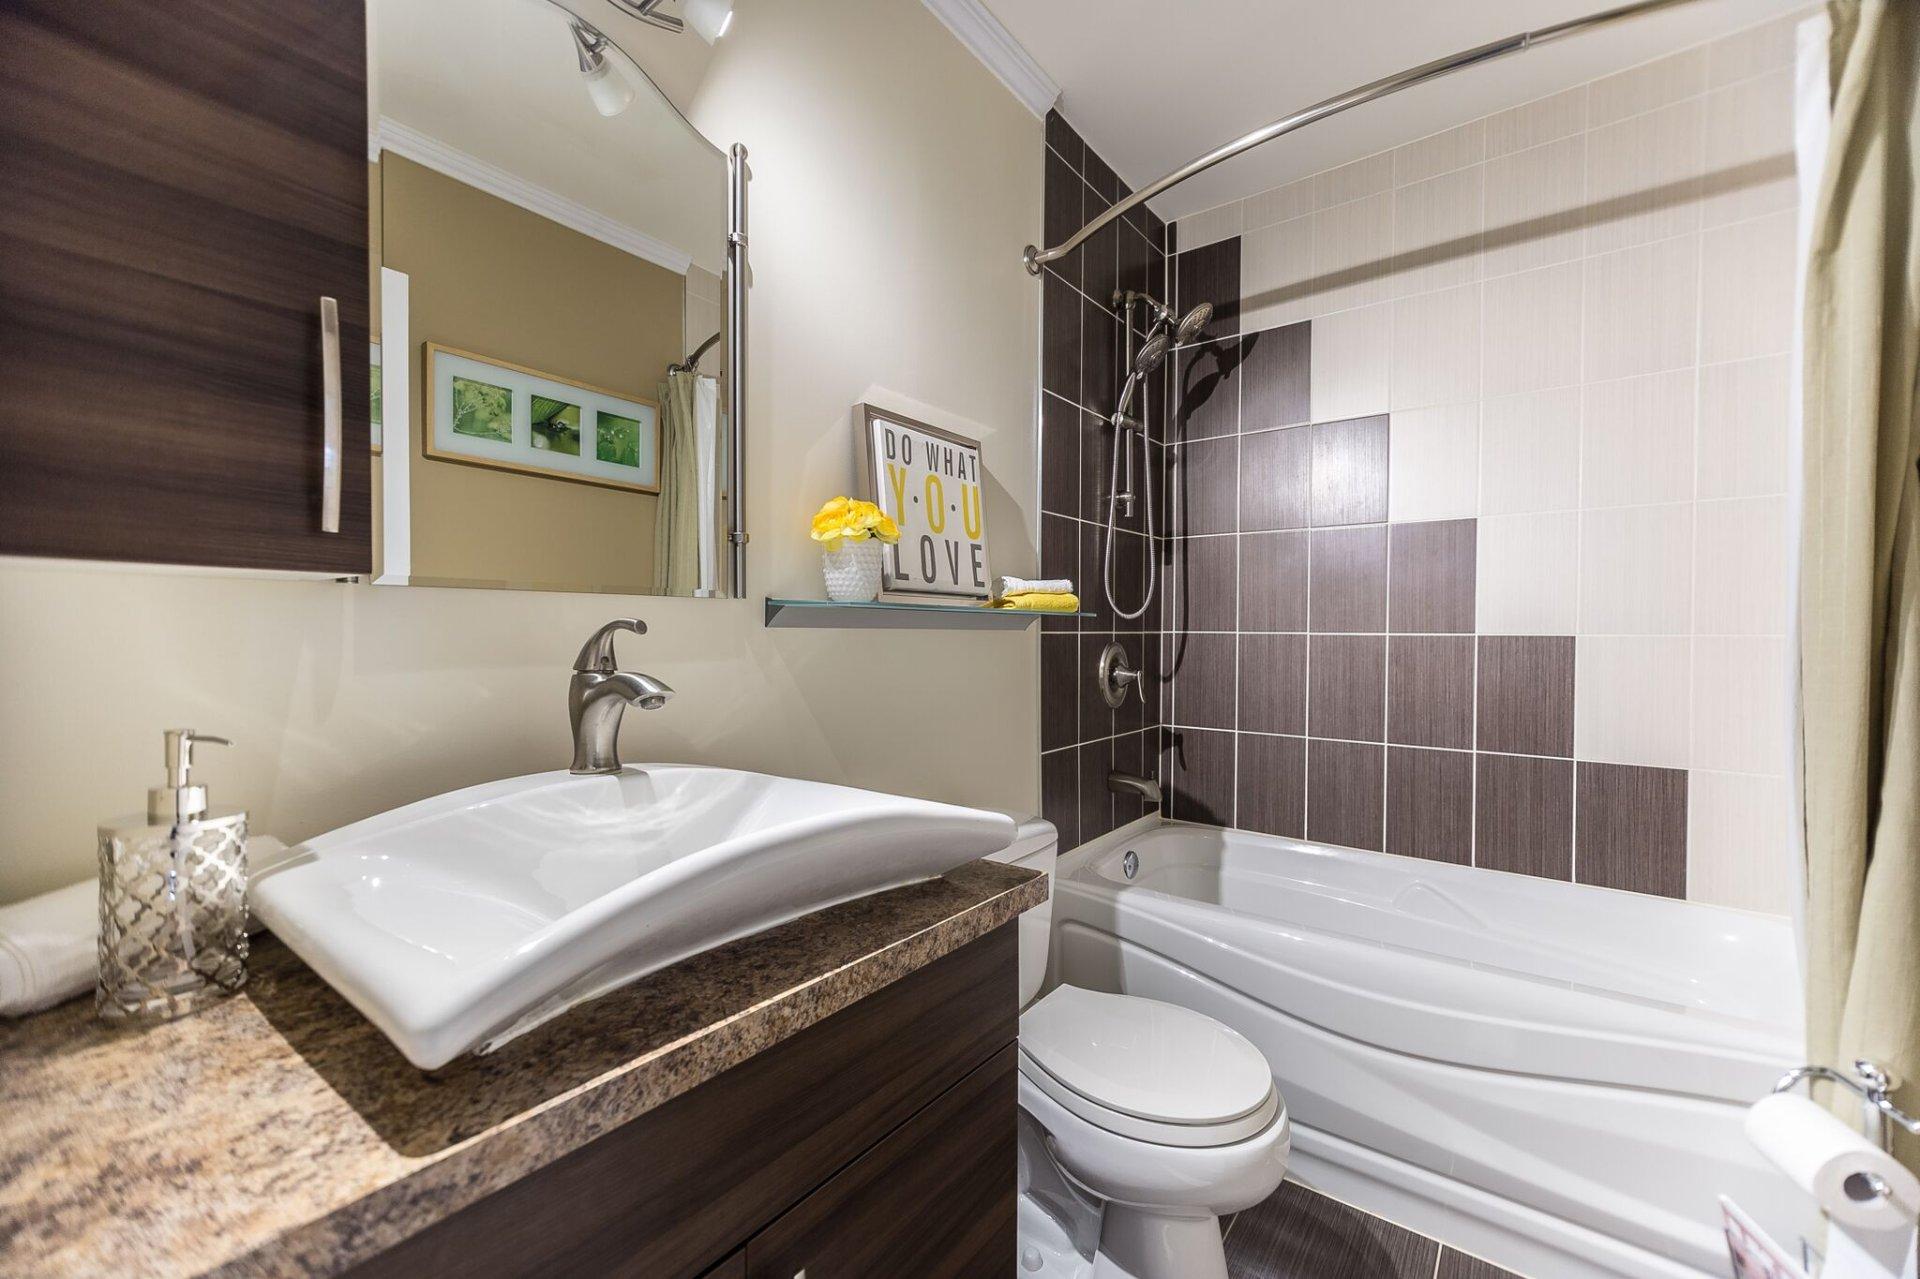 Petite Salle De Bain Avec Laveuse Secheuse ~ appartement vendre la prairie acheter appartement la prairie